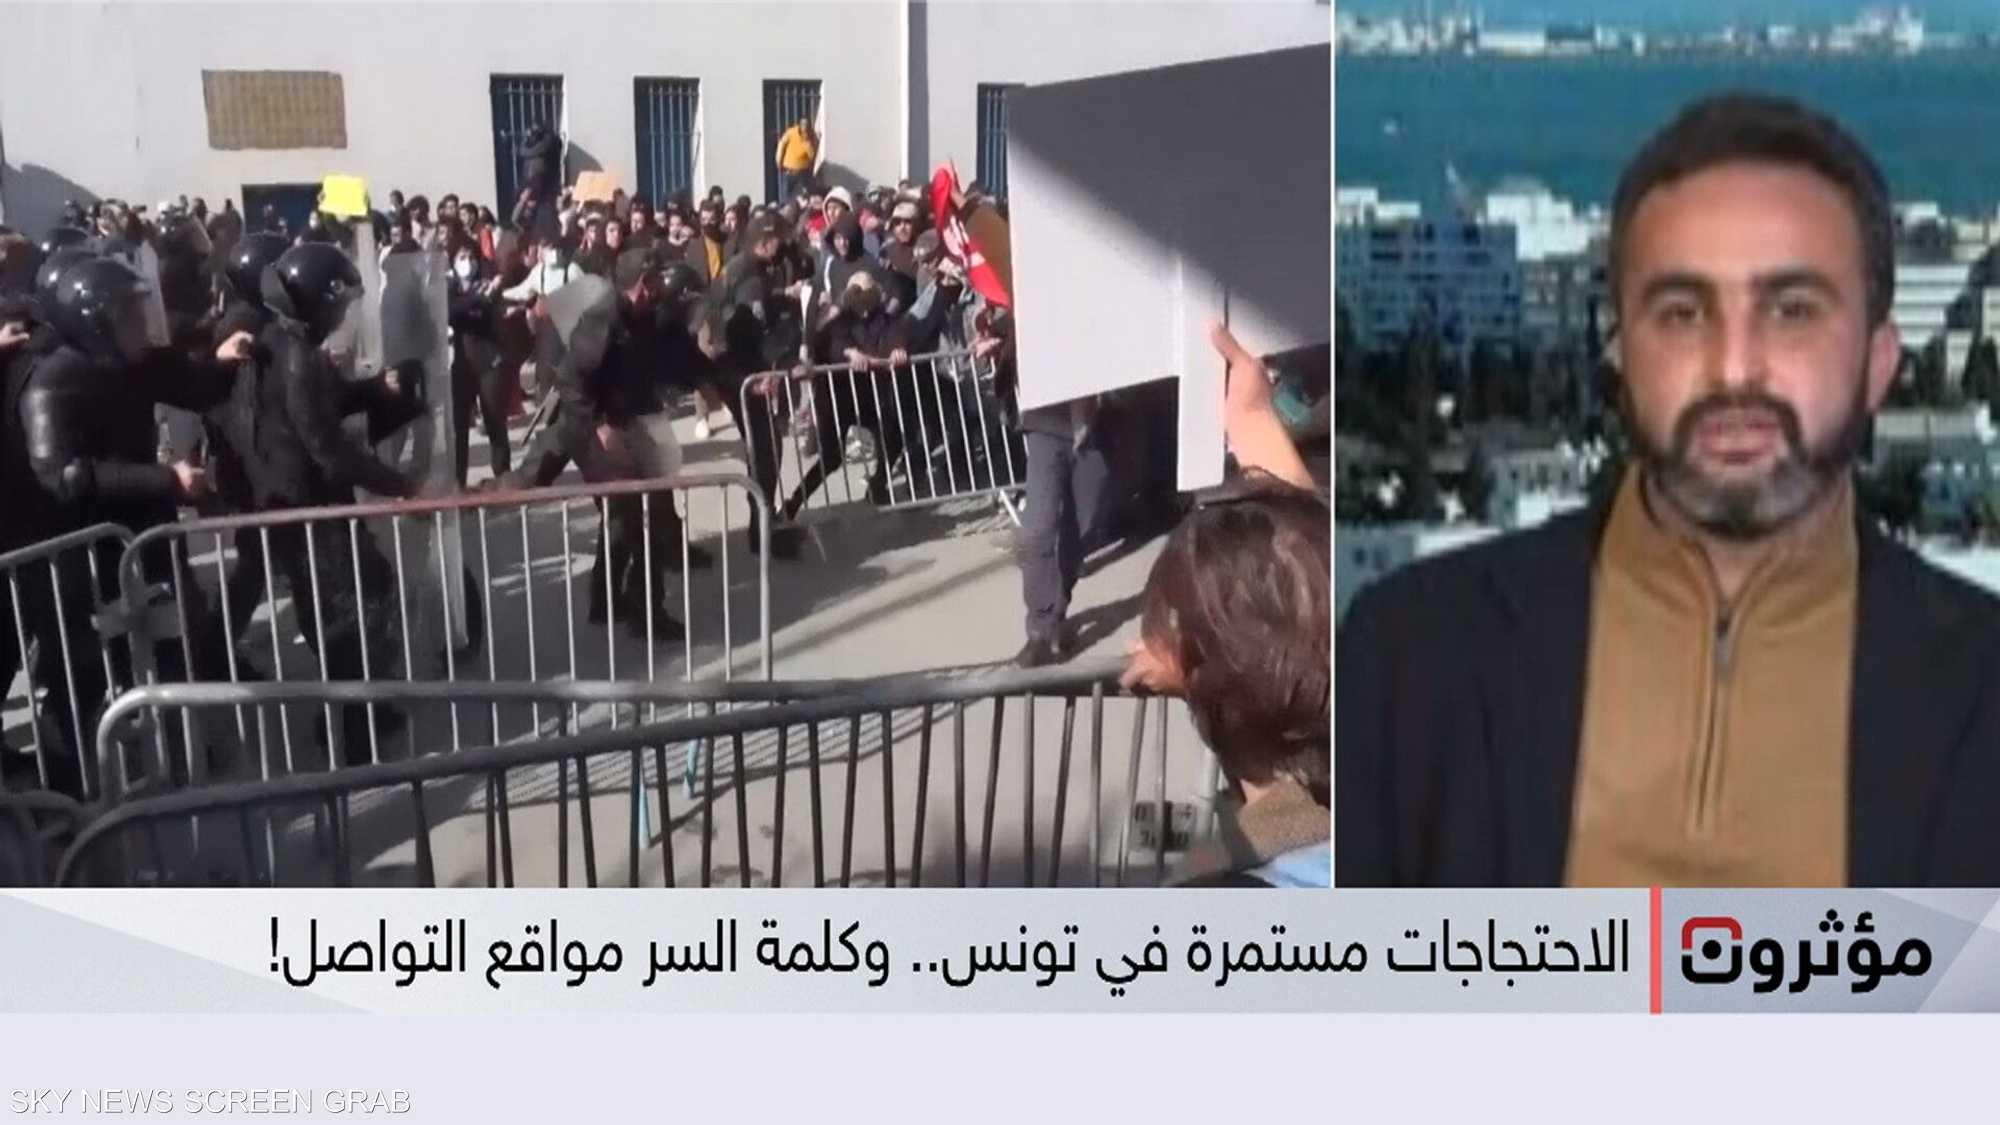 الاحتجاجات مستمرة في تونس.. وكلمة السر مواقع التواصل!